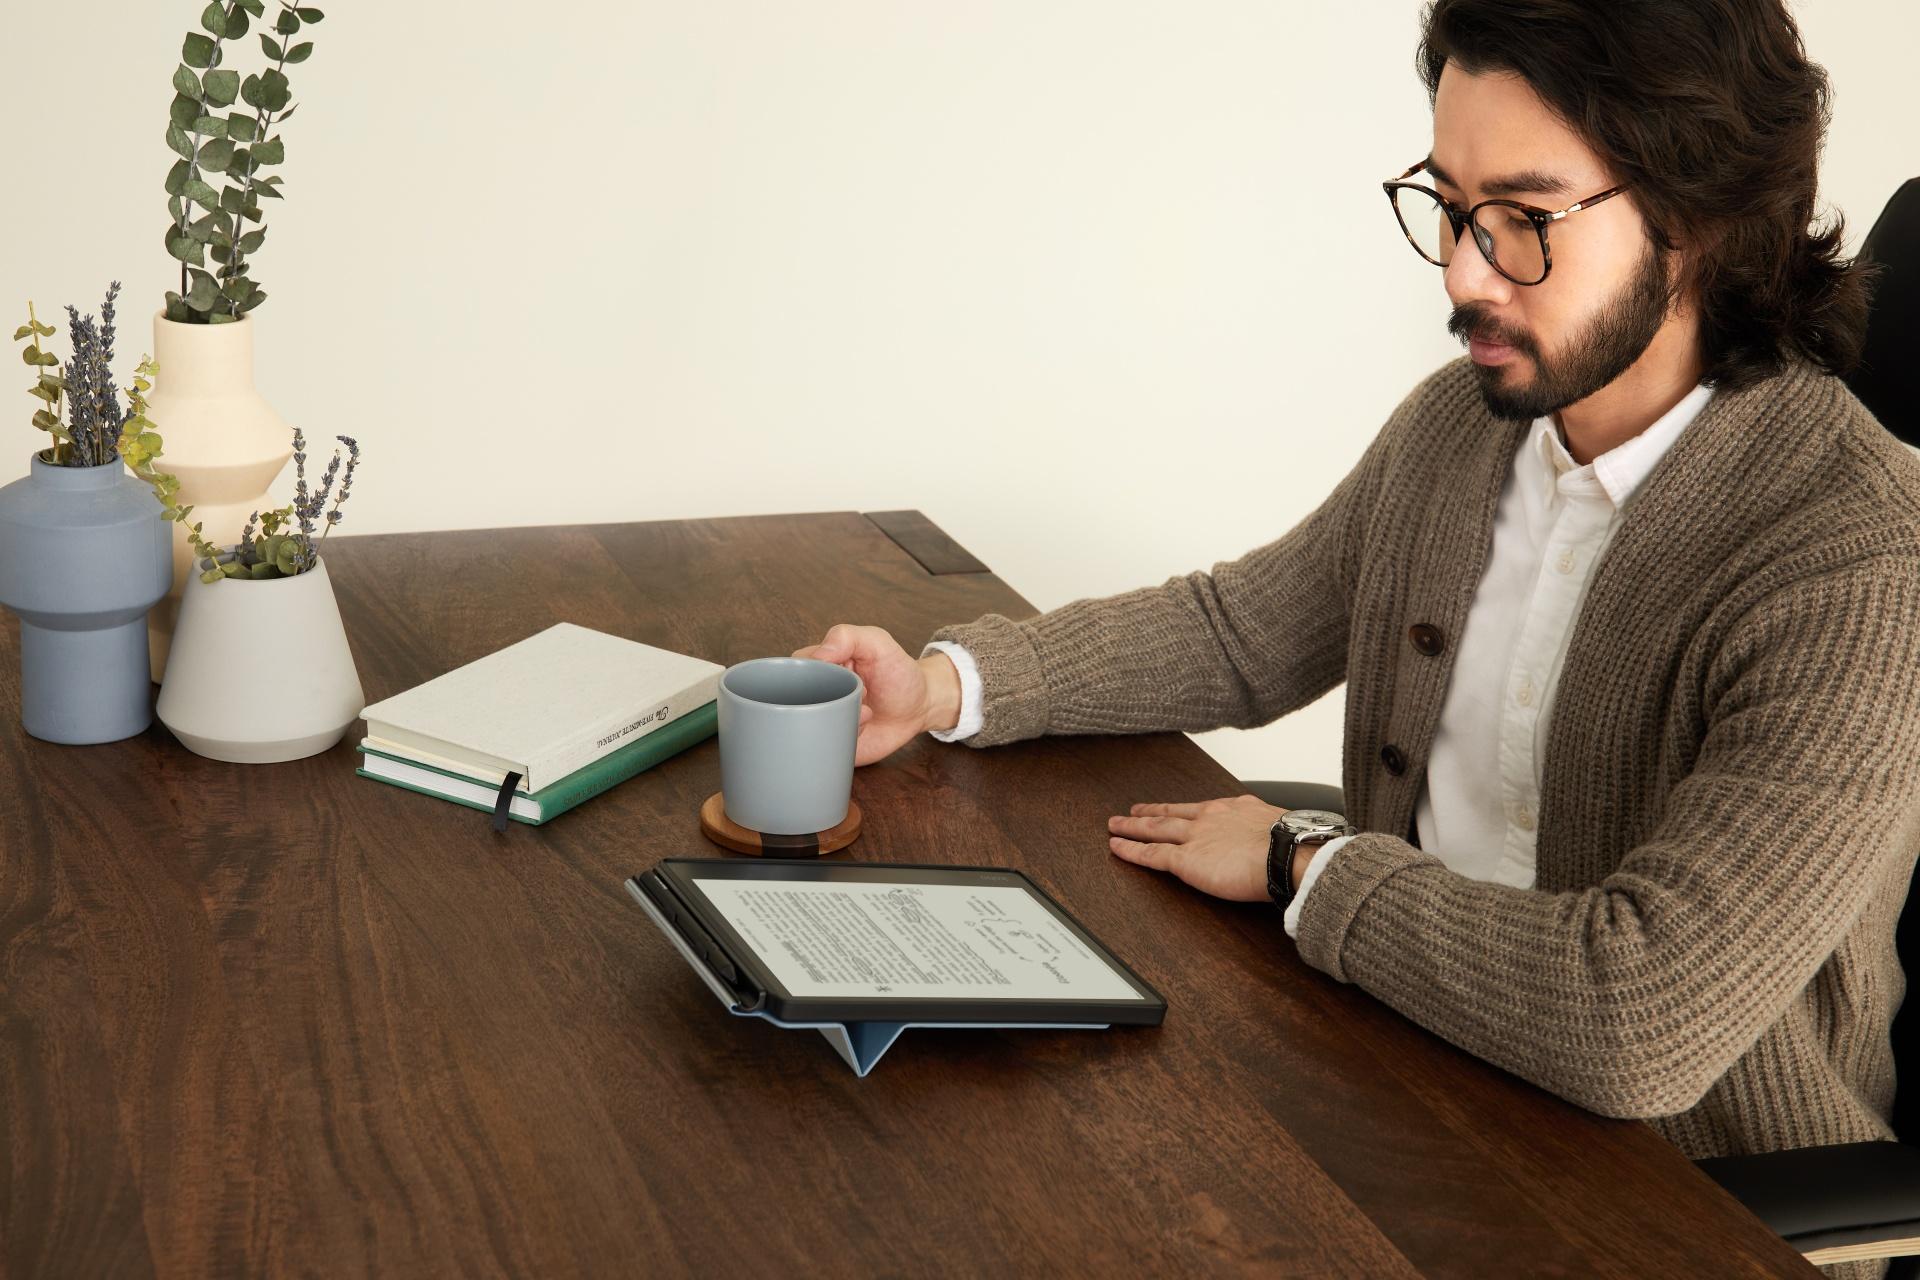 Rakuten Kobo presenta Kobo Elipsa: libro e quaderno per gli appunti in un unico dispositivo 1